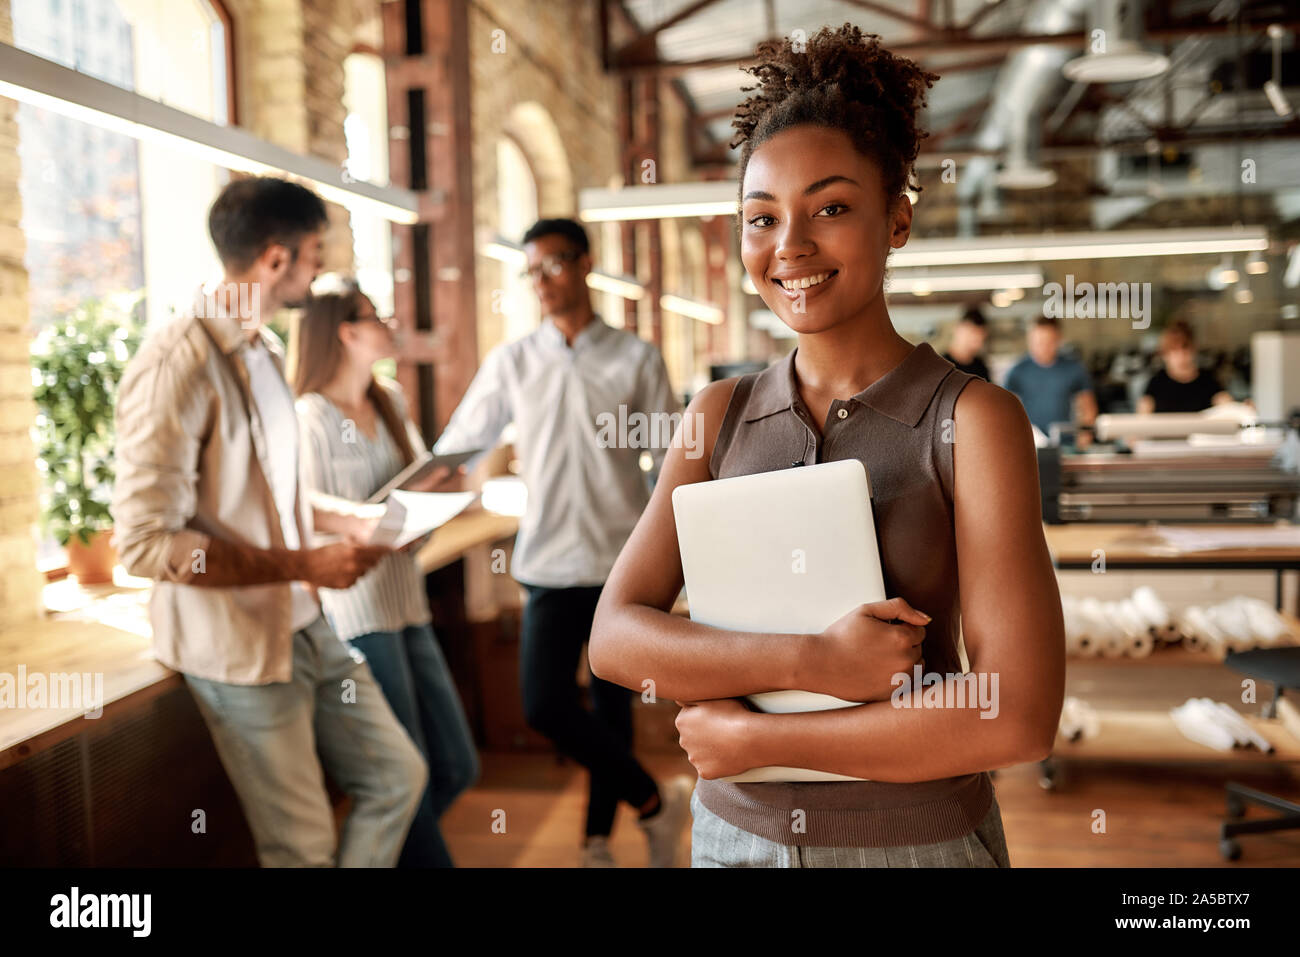 Glücklich, hier zu arbeiten. Junge und fröhliche afro-amerikanische Frau mit Laptop und lächelnd, während im modernen Büro. Stockfoto